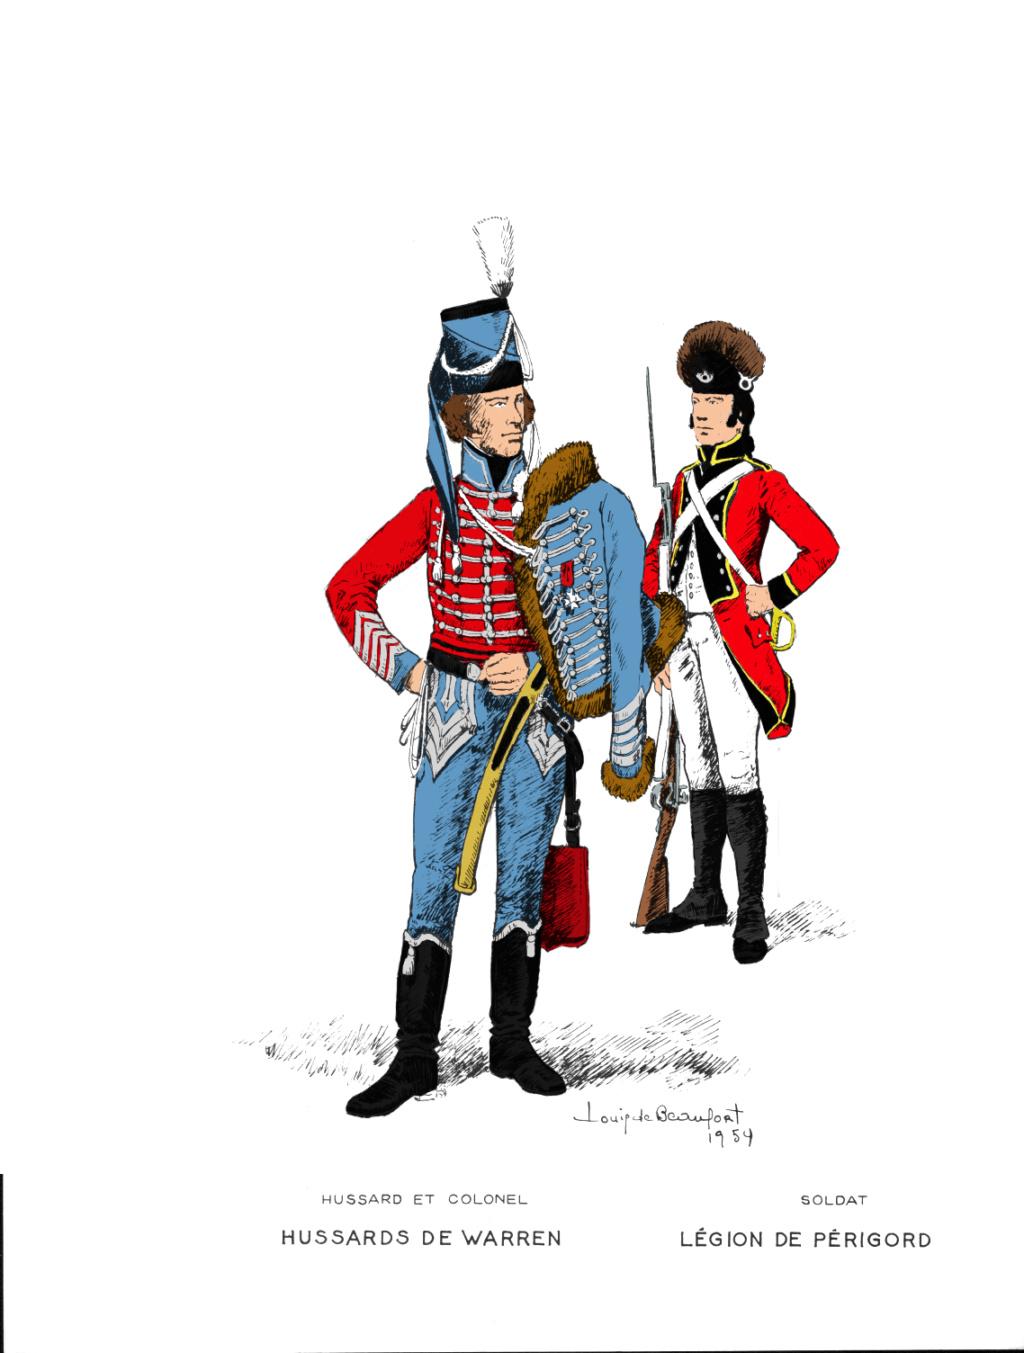 Quiberon, sa côte, ses chouans, ses bastons - Page 7 Hussar10